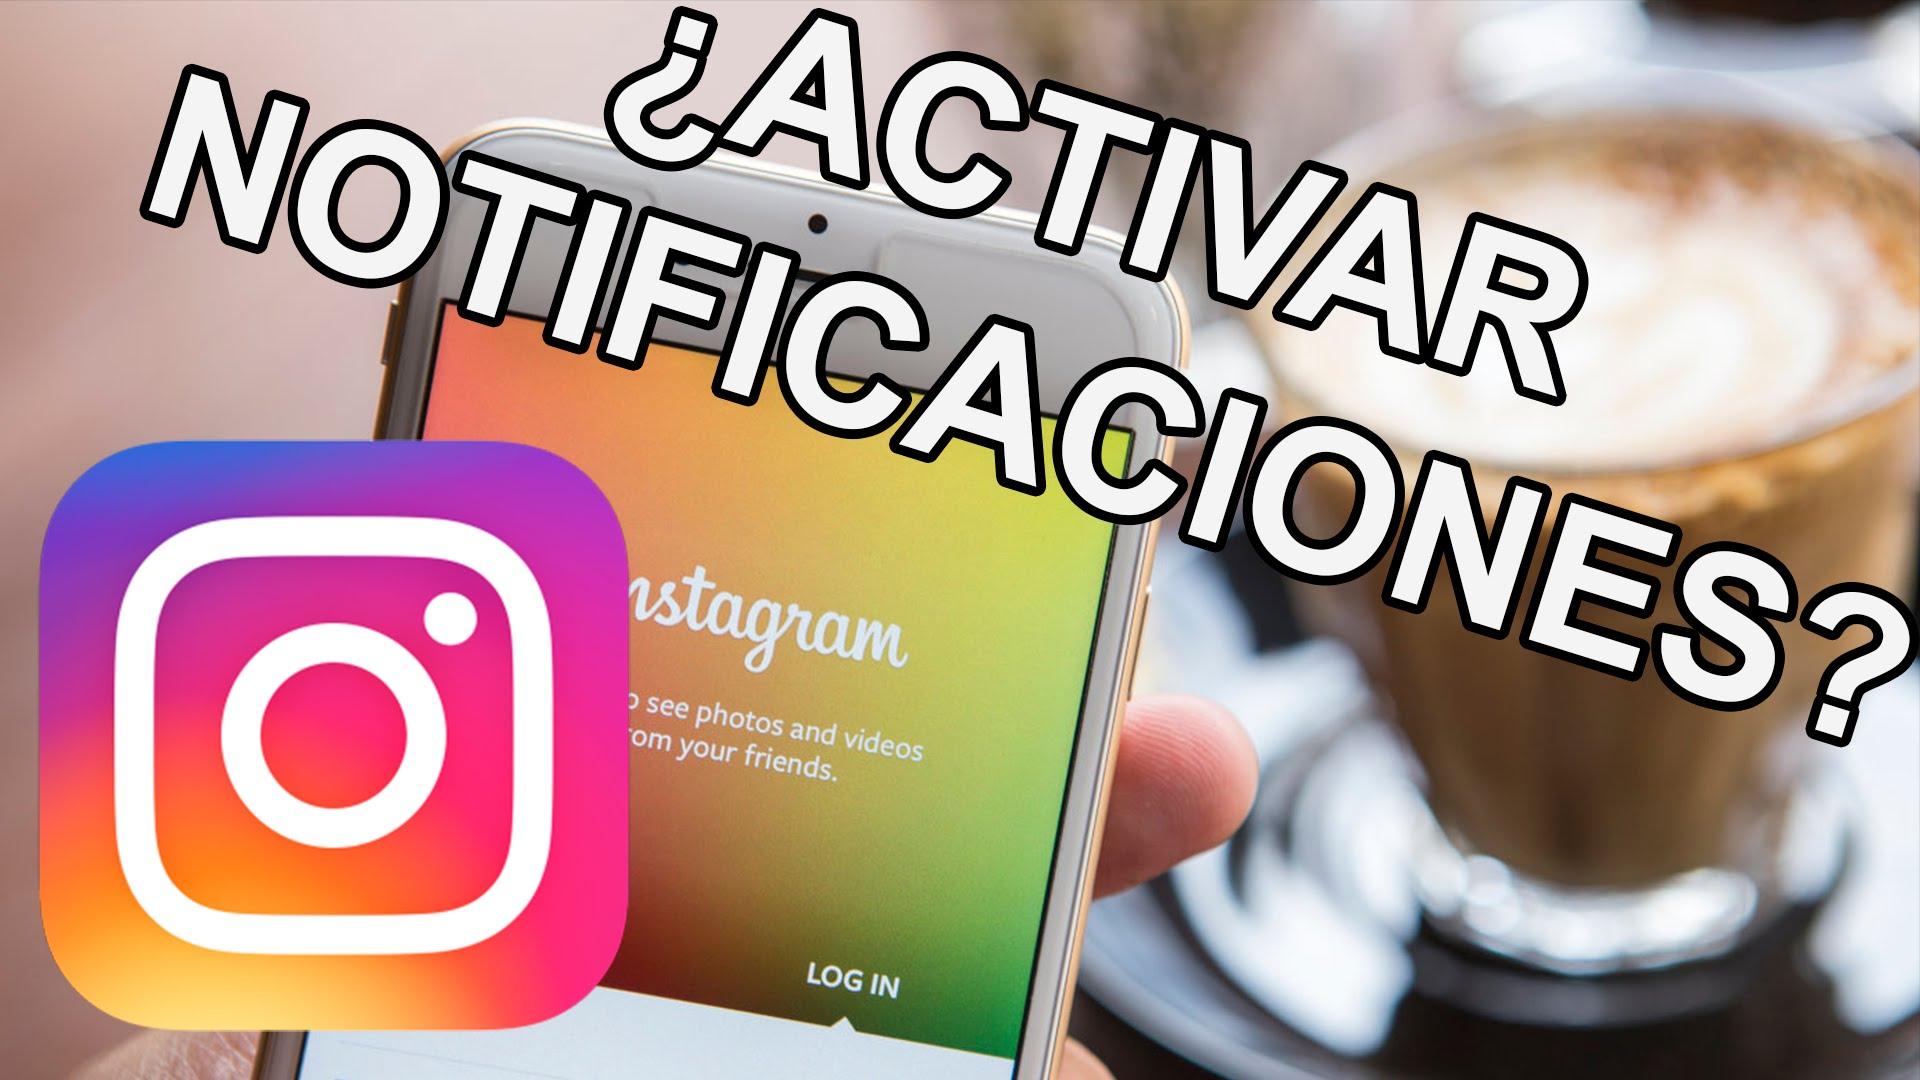 Las notificaciones de Instagram no suenan